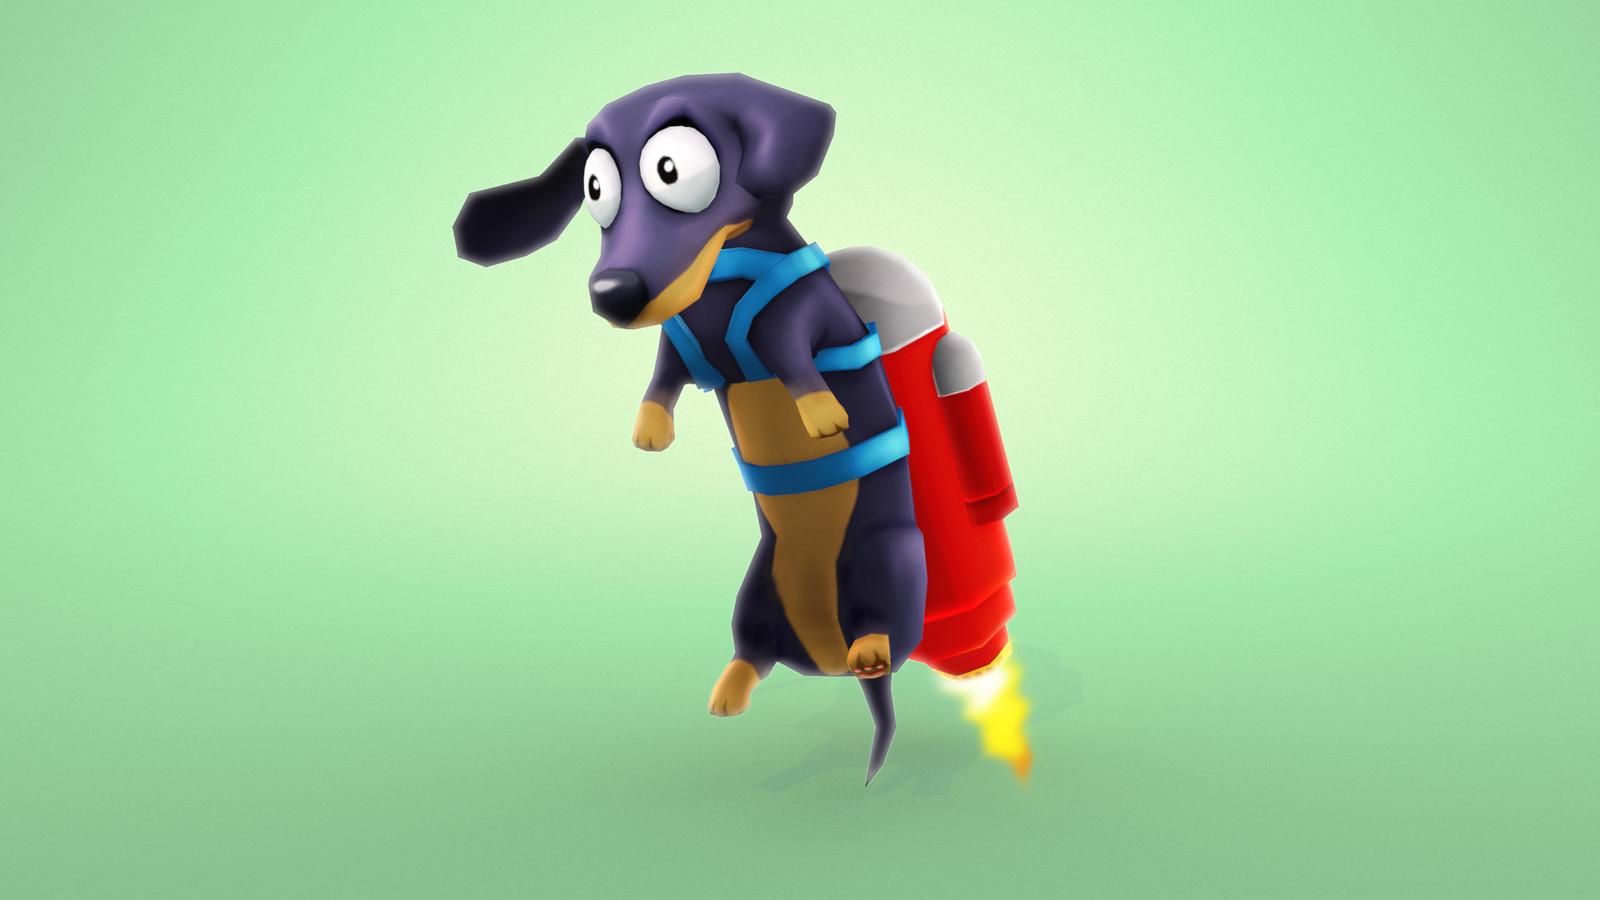 Obstacle. Jet pack sausage dog.